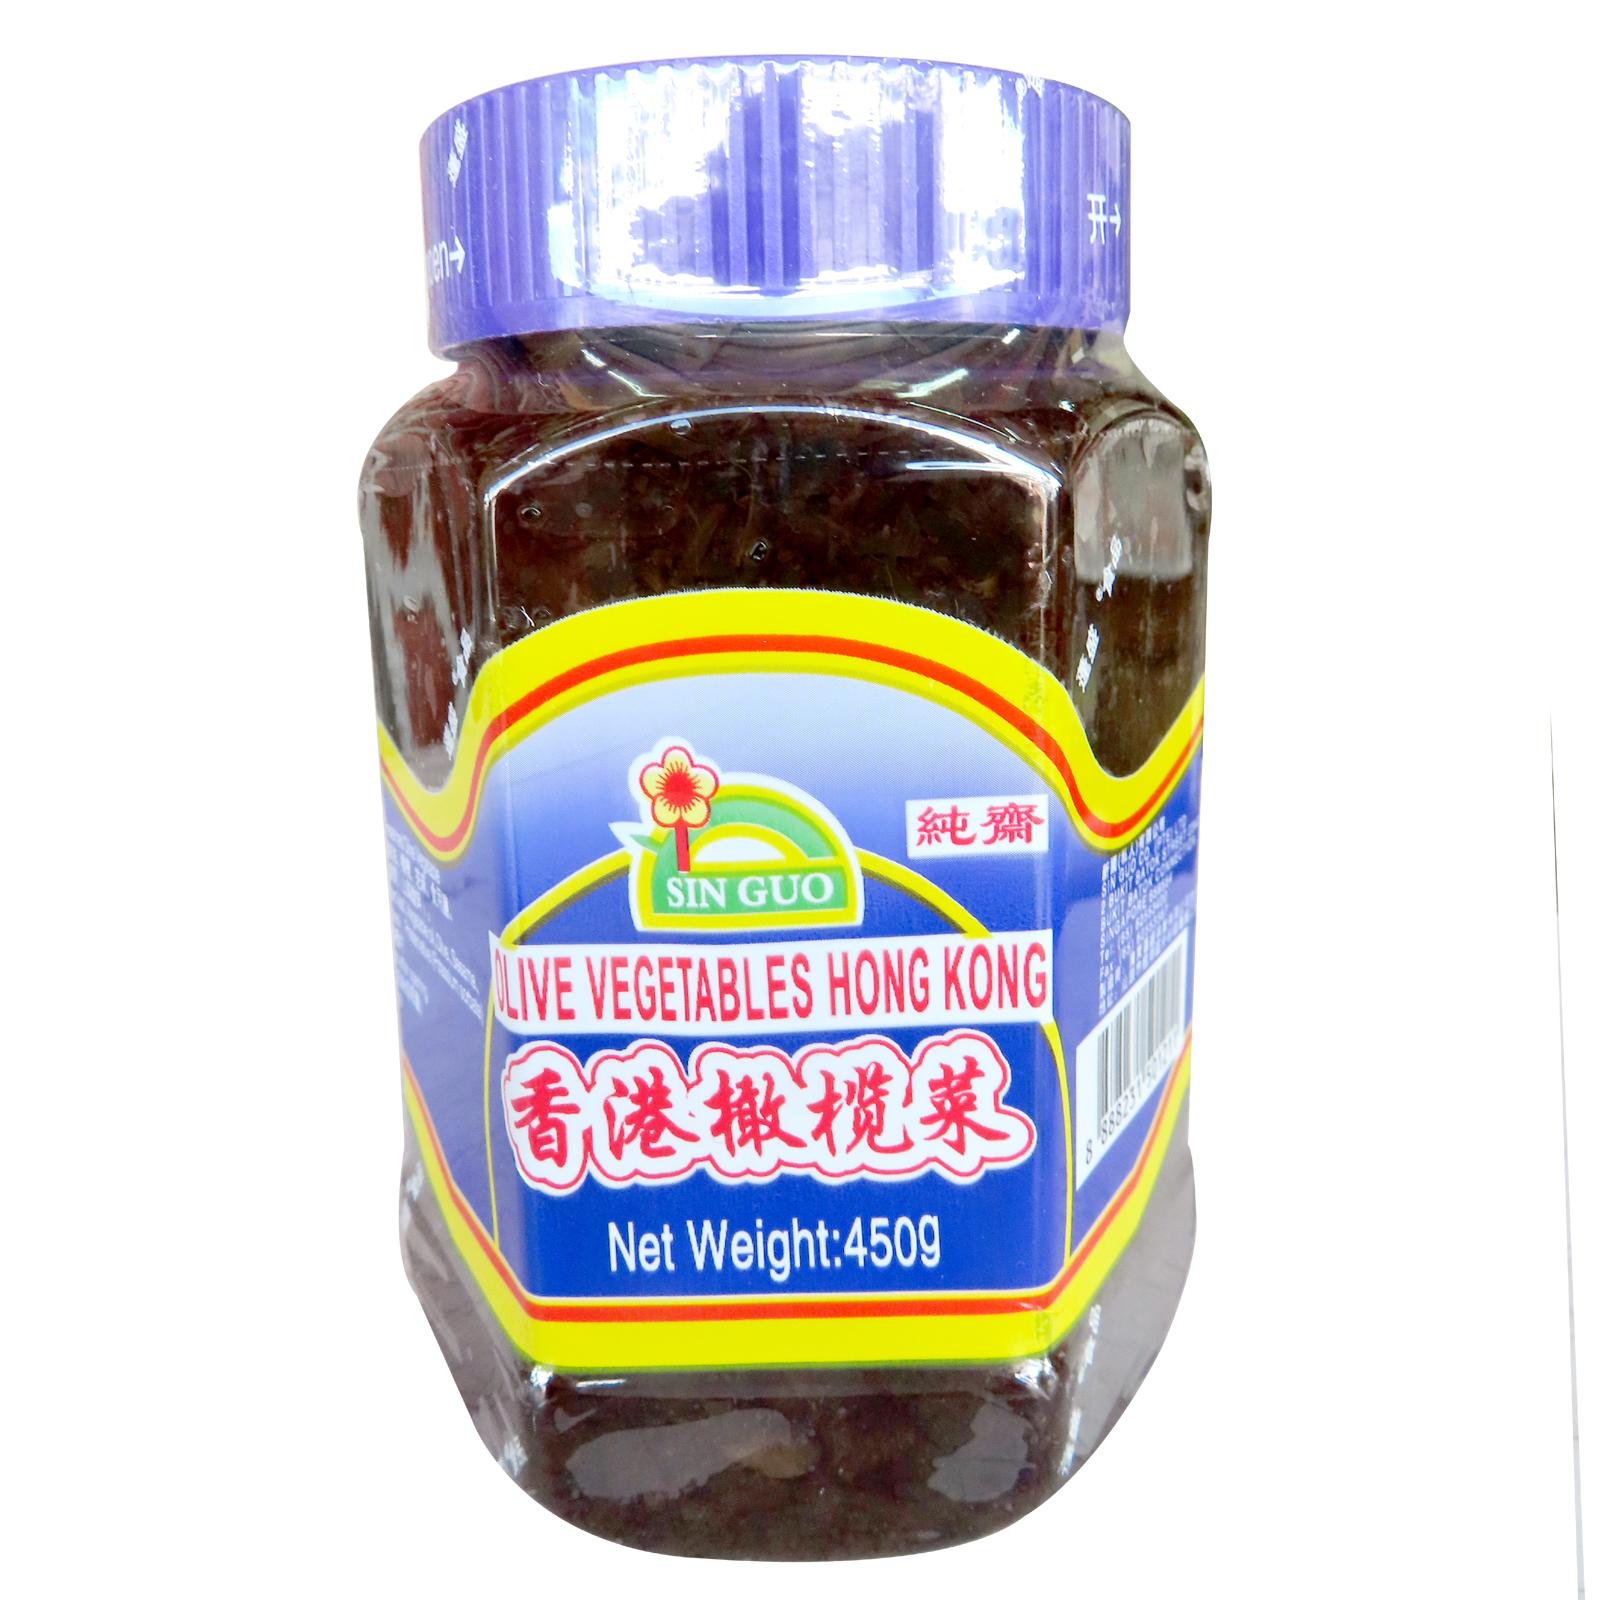 Image Olive vegetables Hong Kong 蓬盛 - 香港橄榄菜 450grams